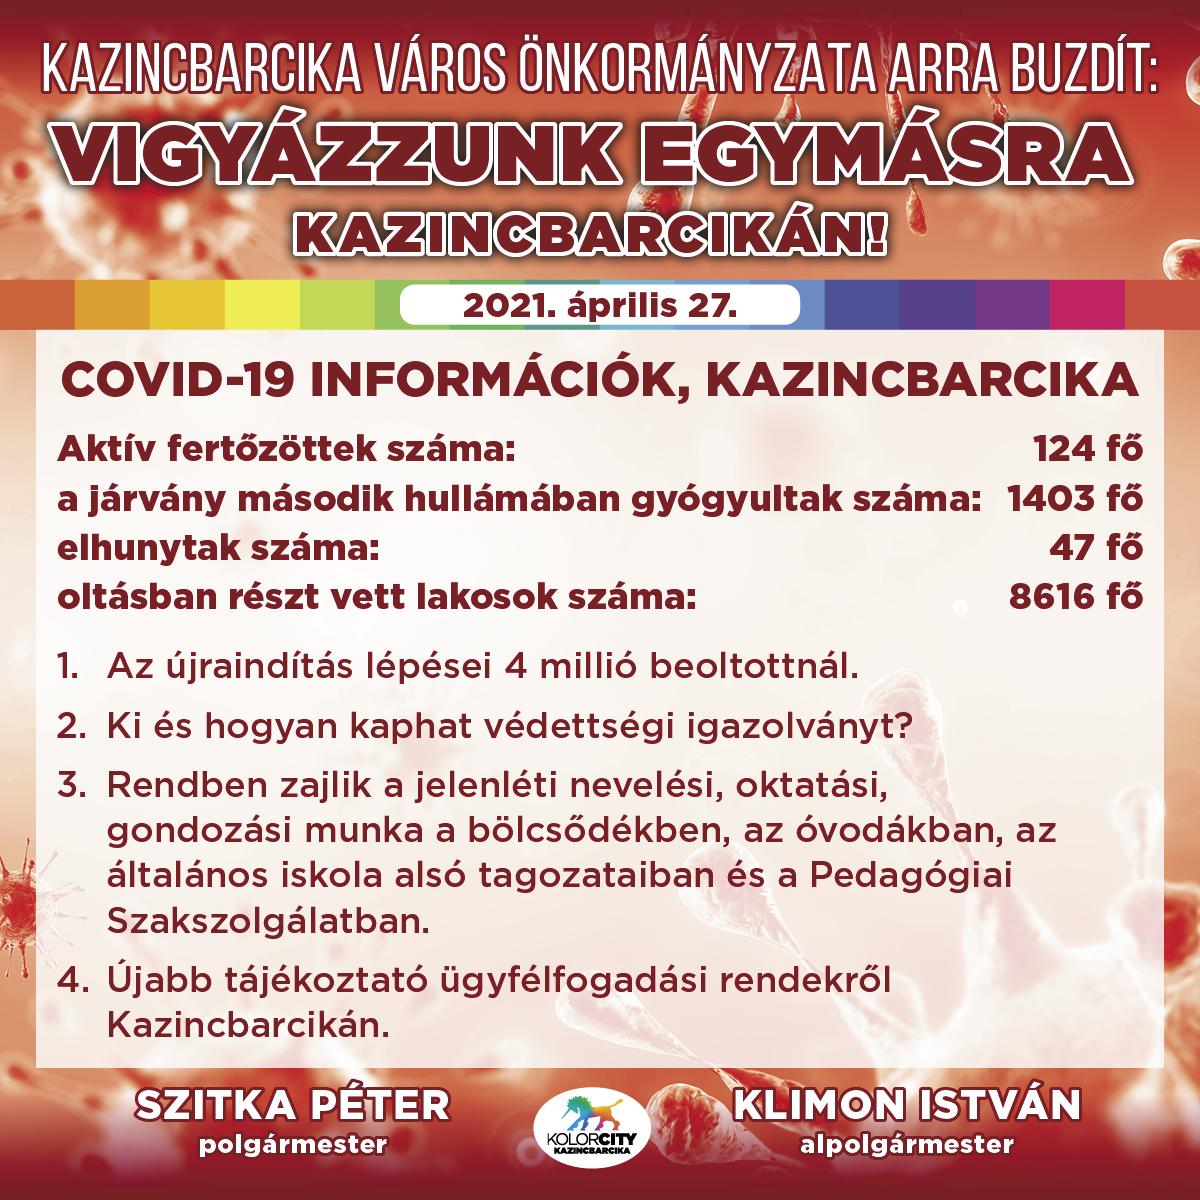 https://kolorline.hu/Vigyázzunk egymásra Kazincbarcikán! – 2021. április 27.